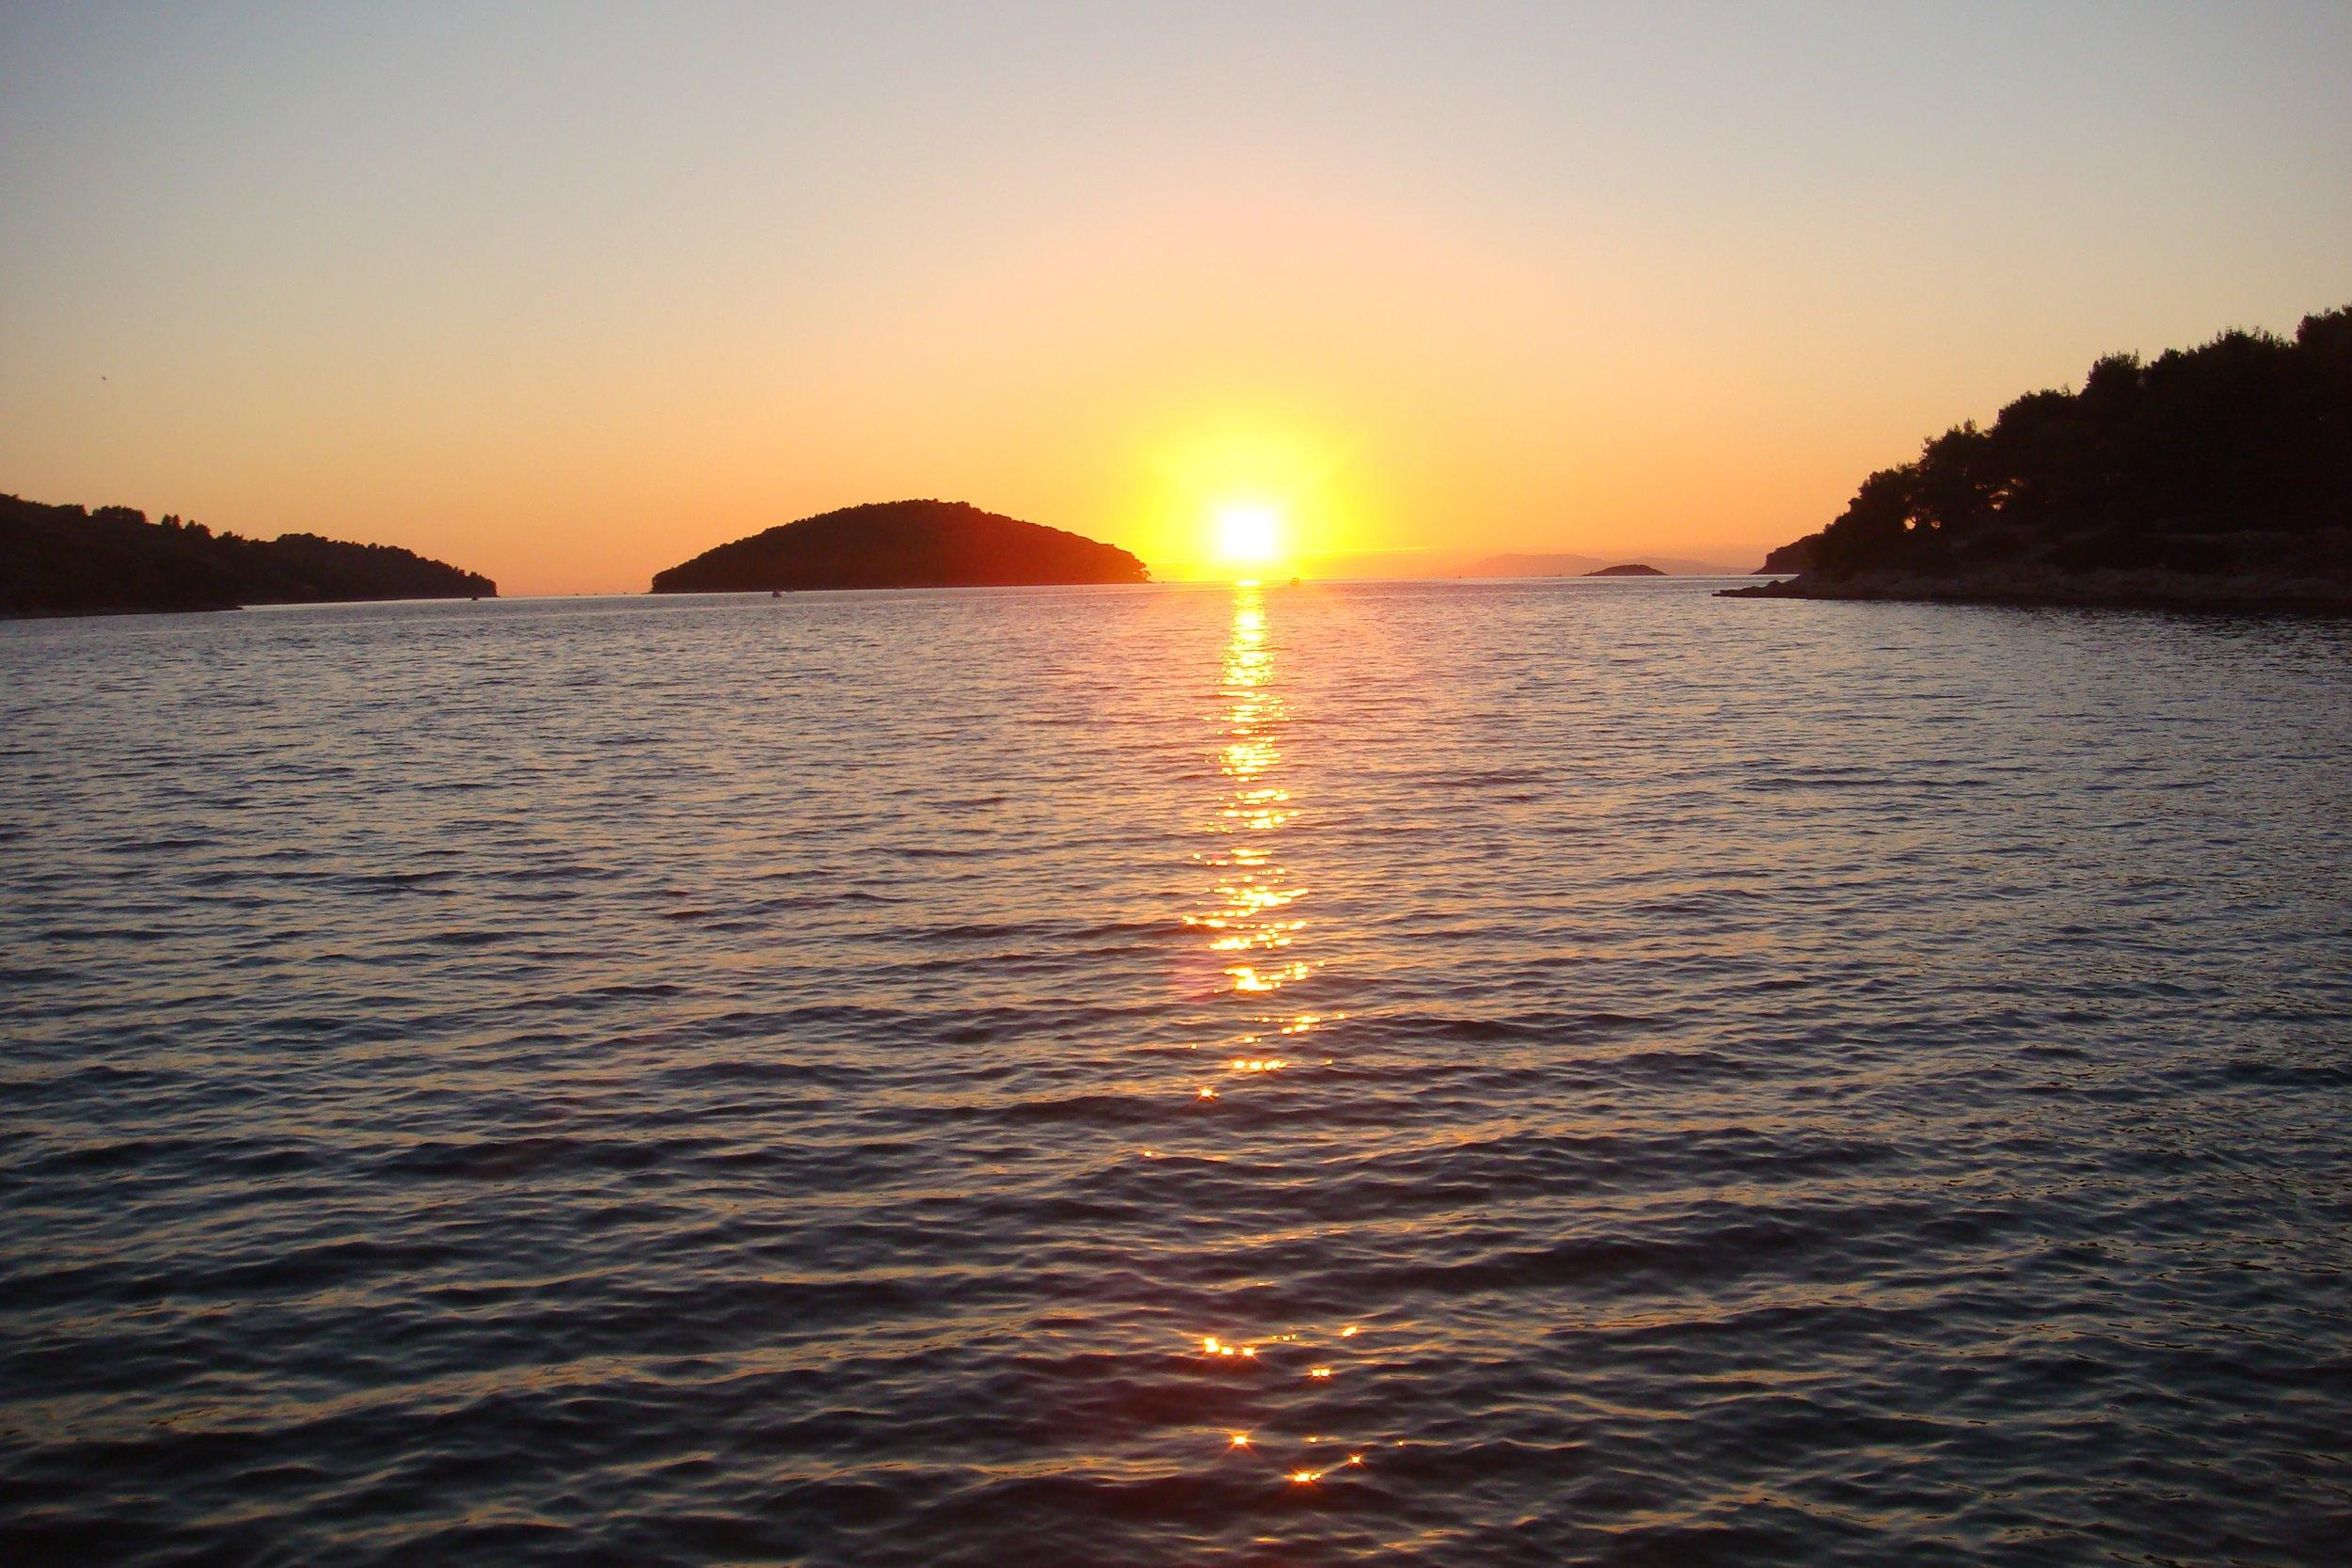 Sonnenuntergang_Kroatien.jpg